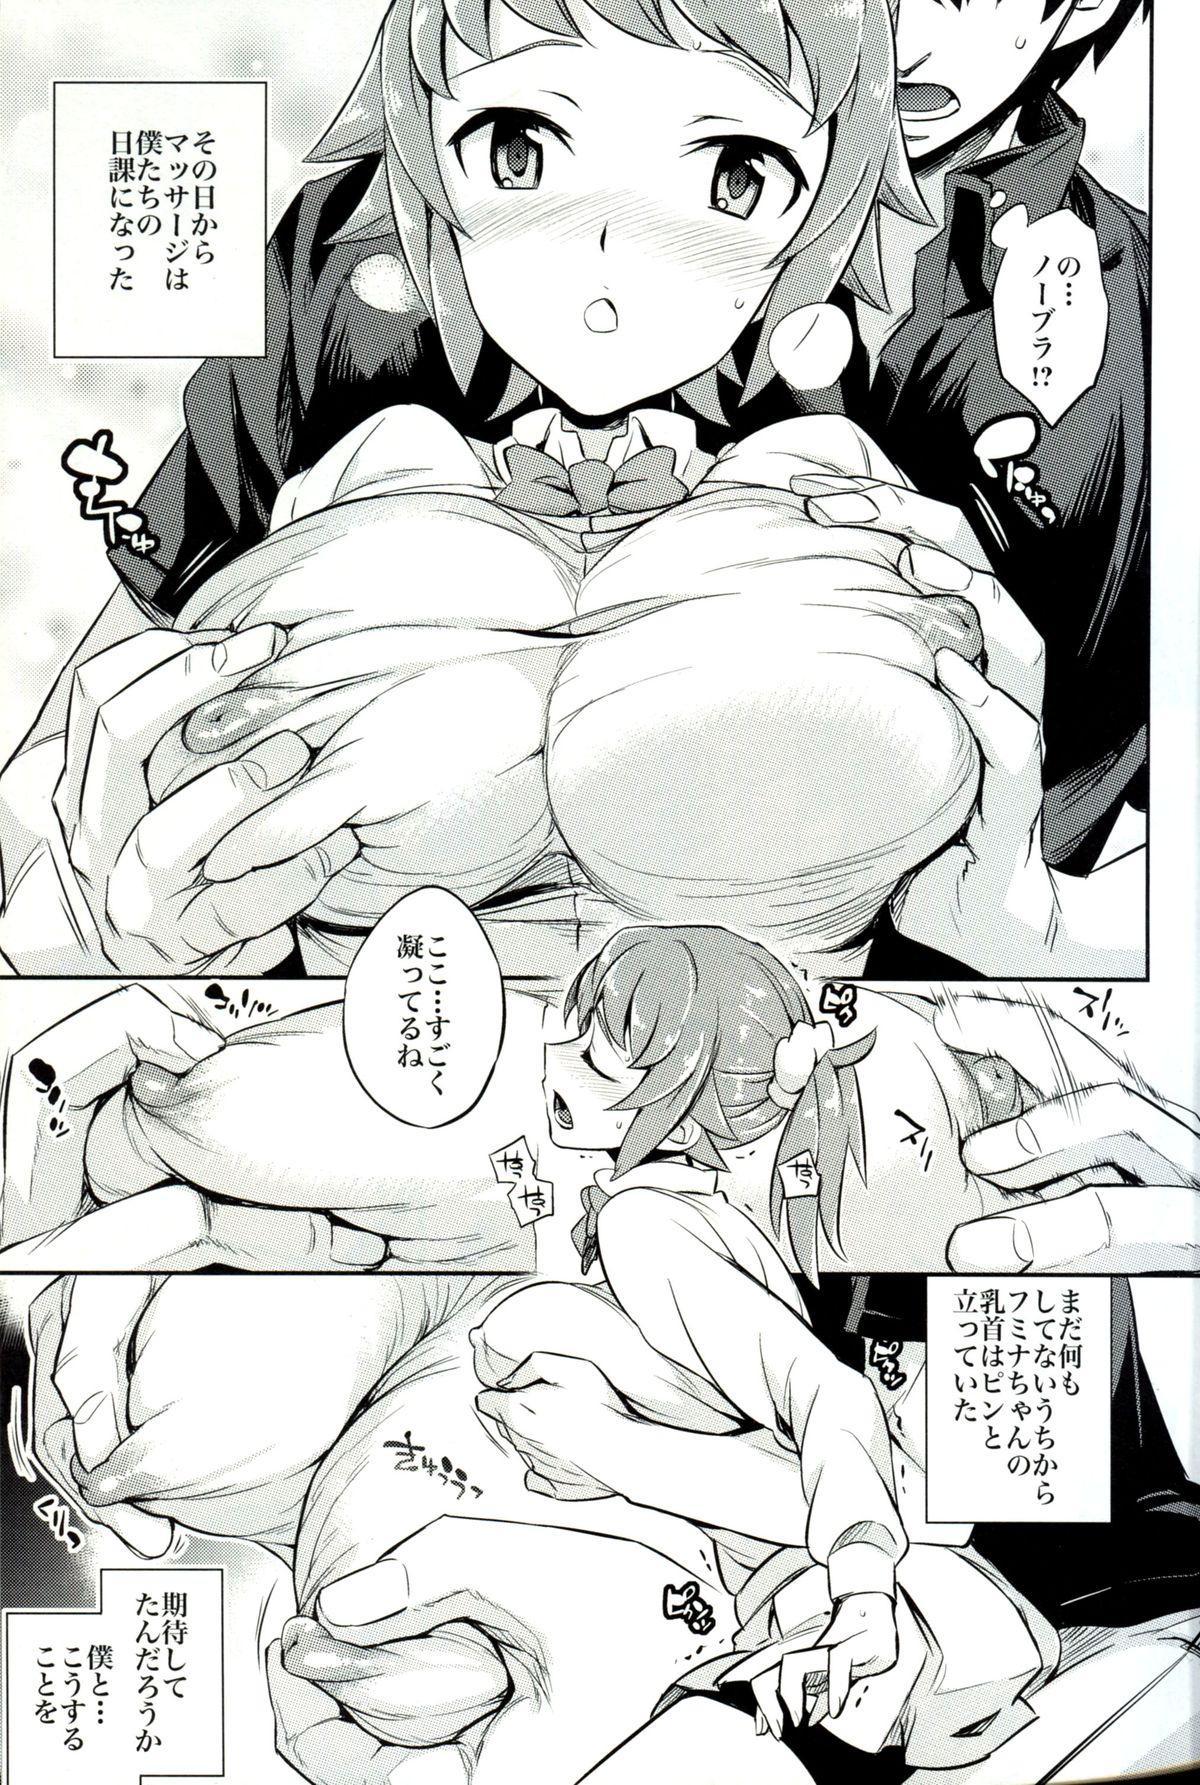 (C87) [Crazy9 (Ichitaka)] C9-15 Fumina-senpai to Mob Onii-chan (Gundam Build Fighters Try) 7